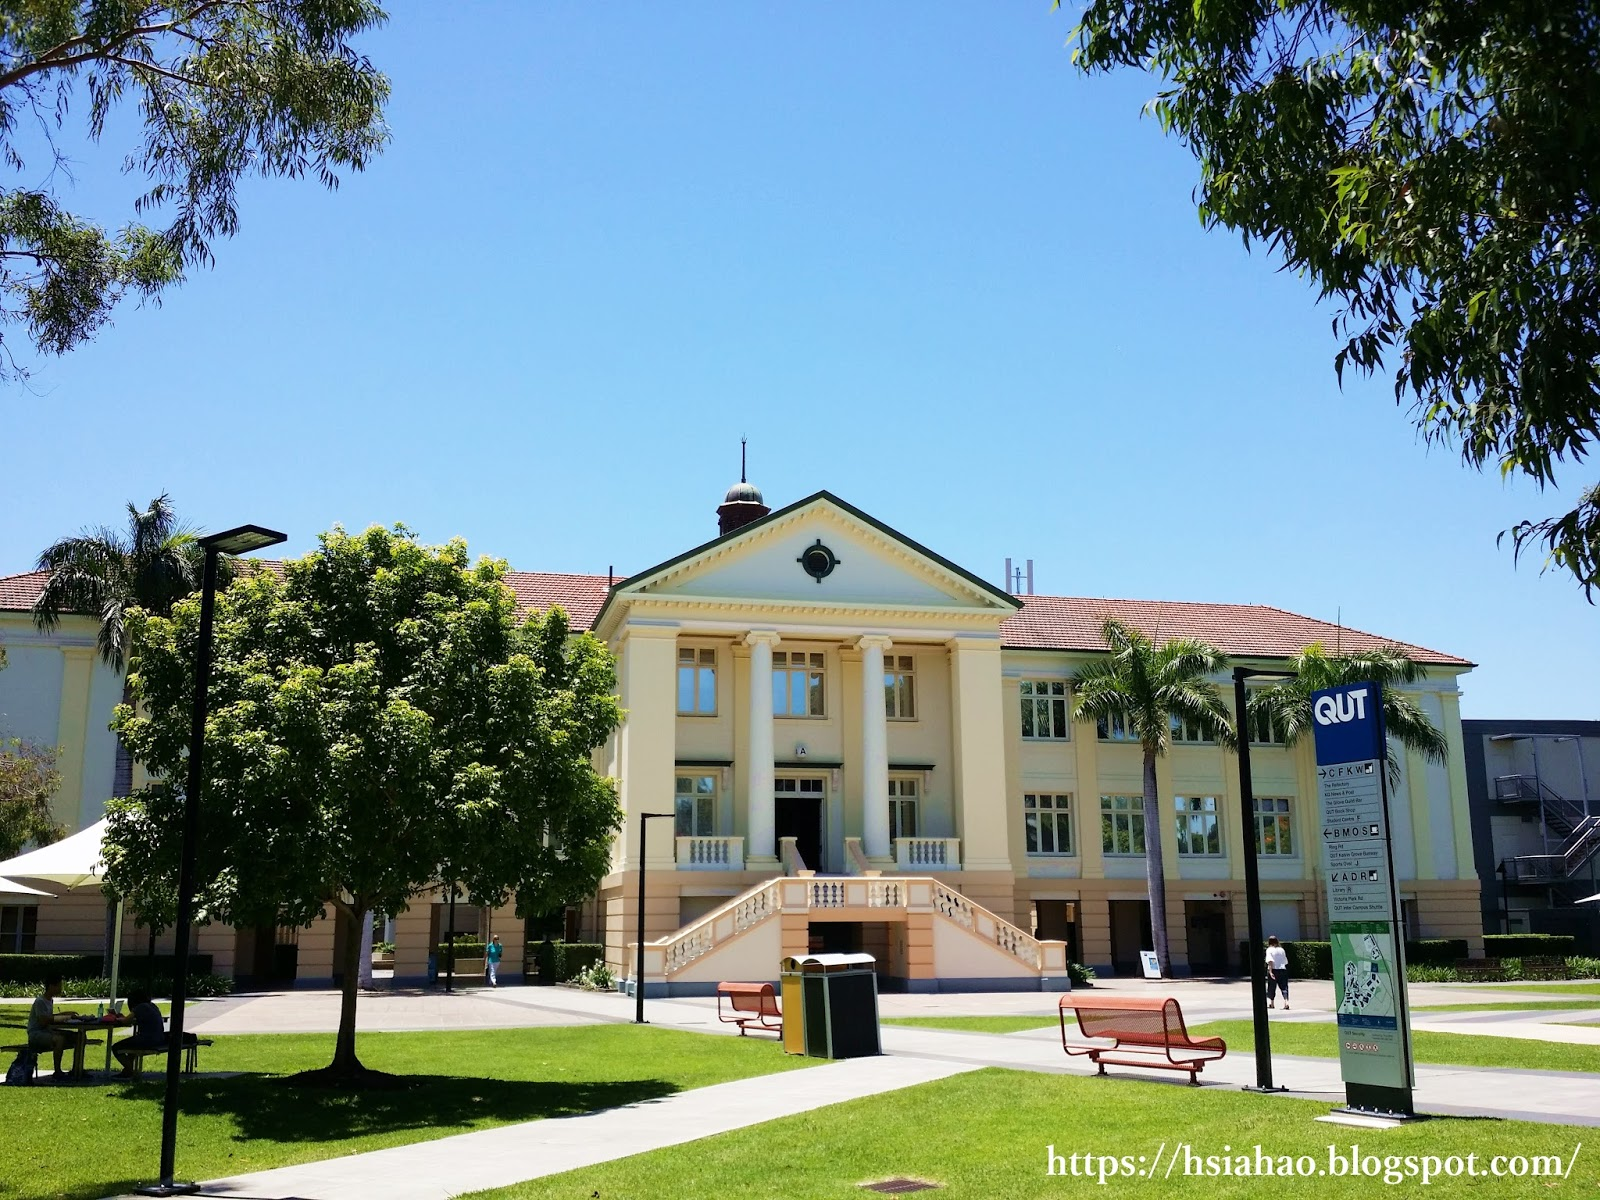 澳洲-QUT-昆士蘭科技大學-留學-申請-學校-Australia-University-Application